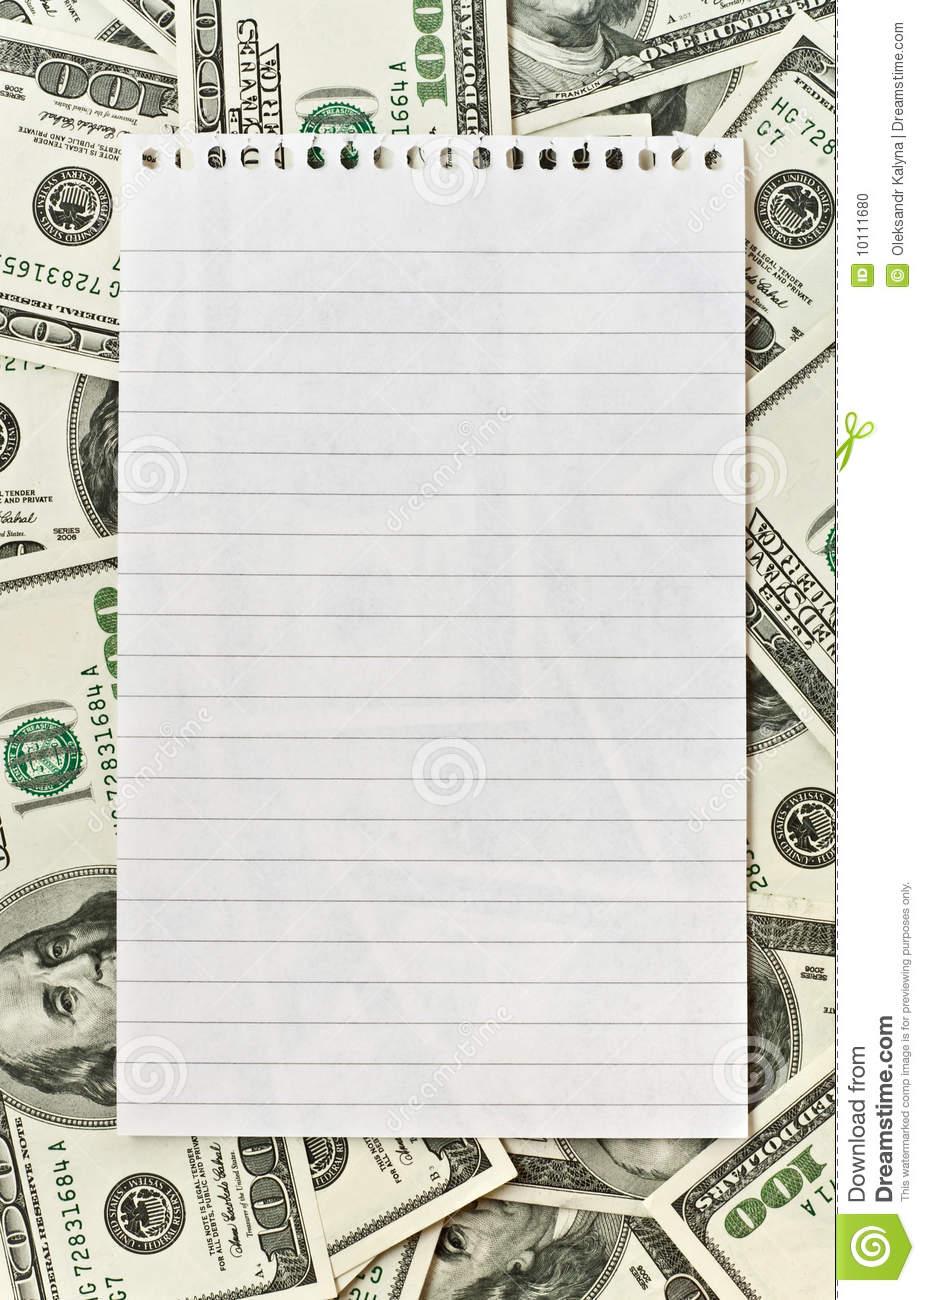 016 Blank White Paper Over Money Background Write Essays For Essay Best University High School Reddit Full